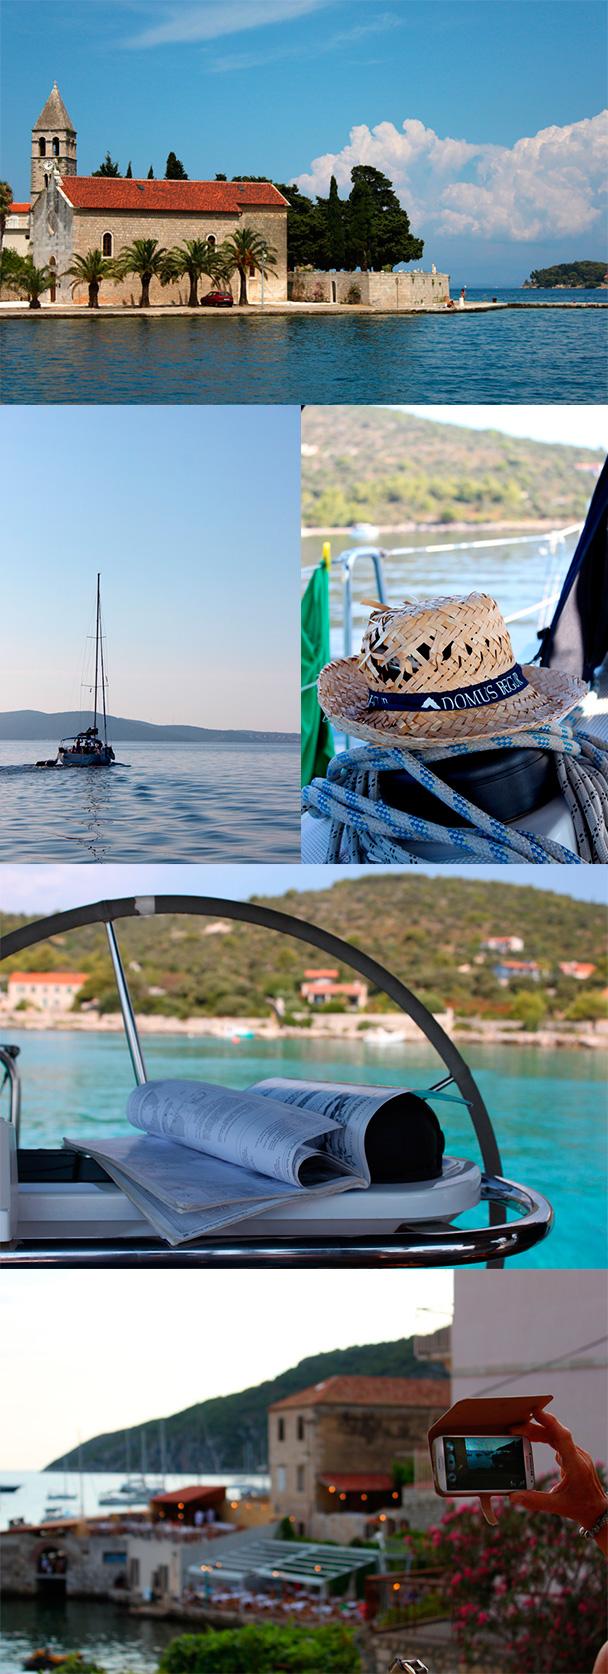 Mónica_López_Croacia_Collage_2